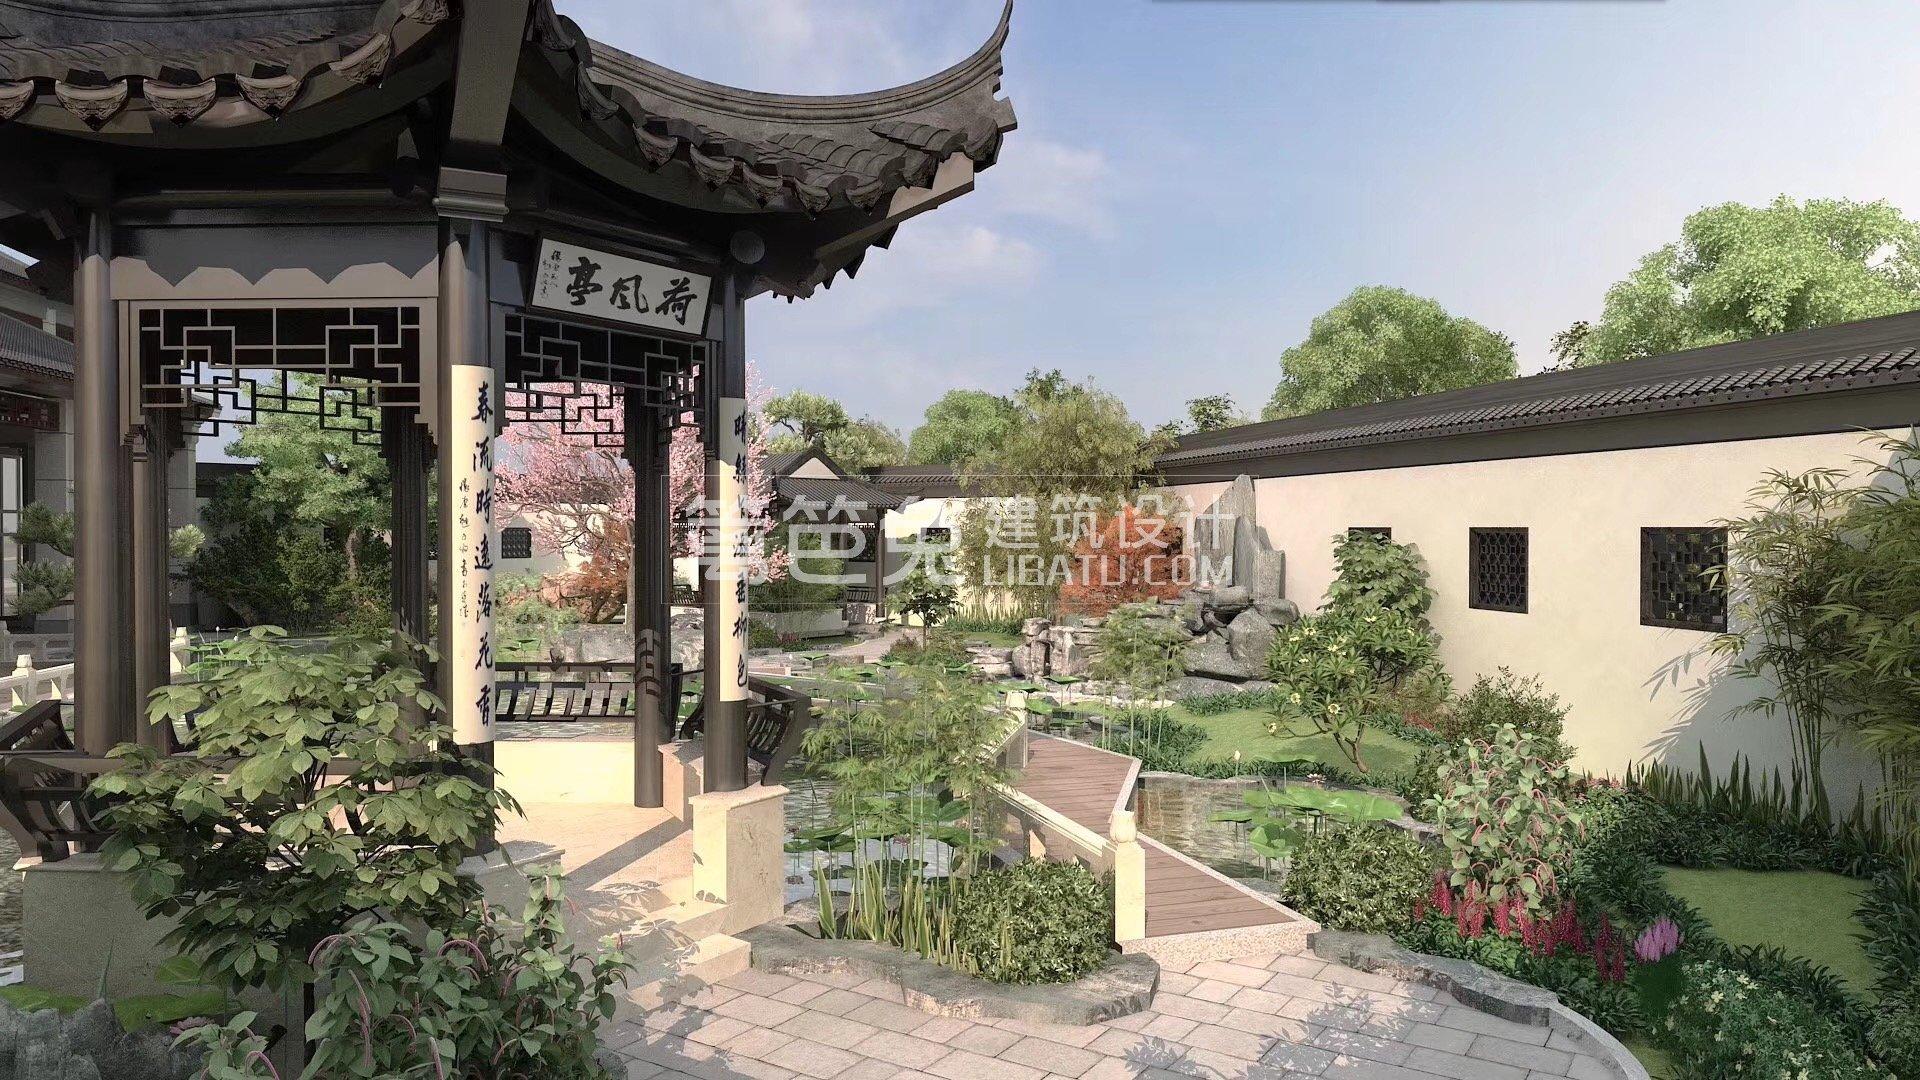 苏式园林风格四合院别墅,是我理想中的房子图片